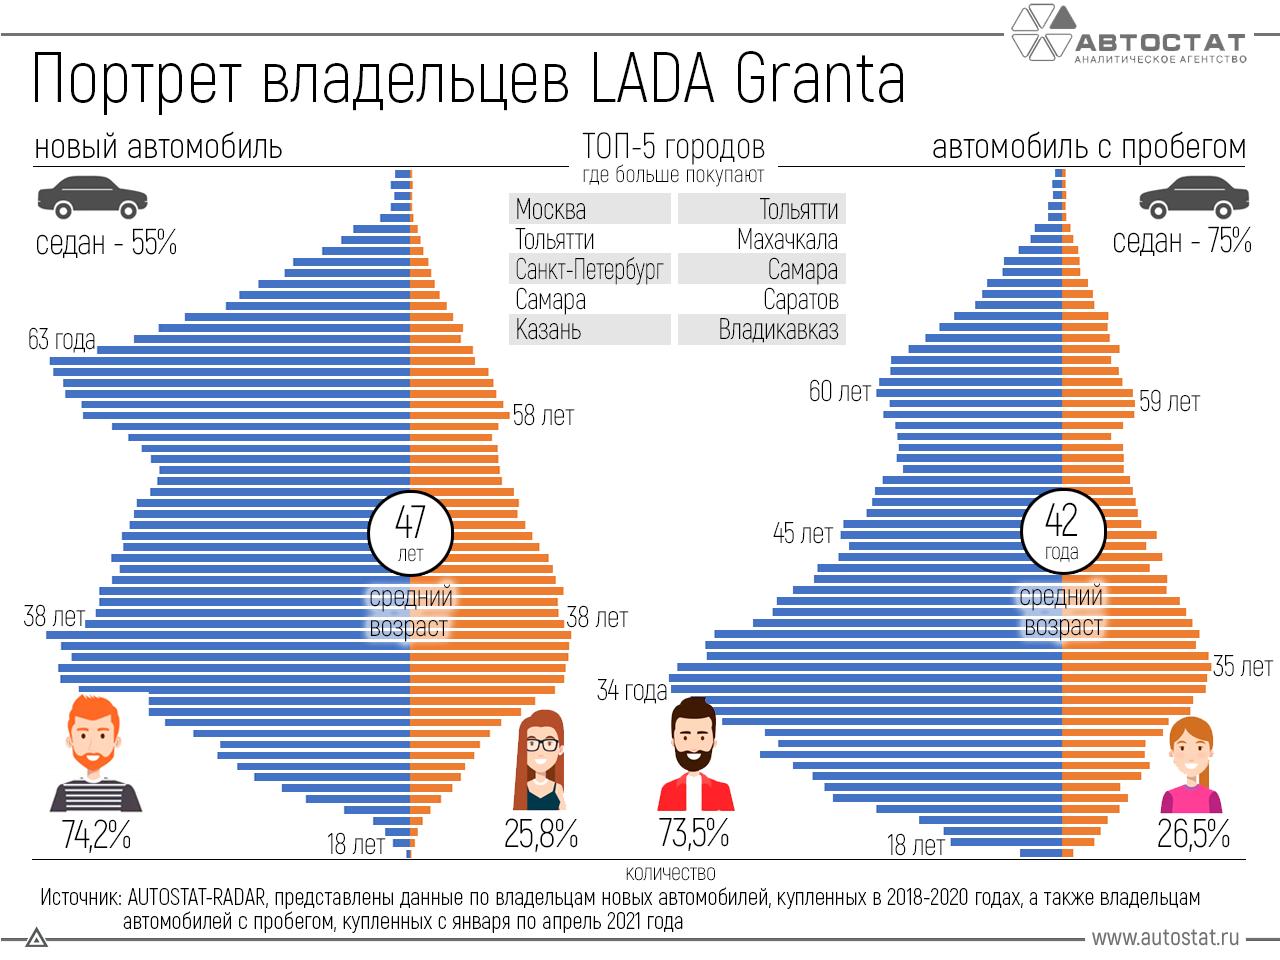 Владельцы автомобиля Lada Granta: кто они?